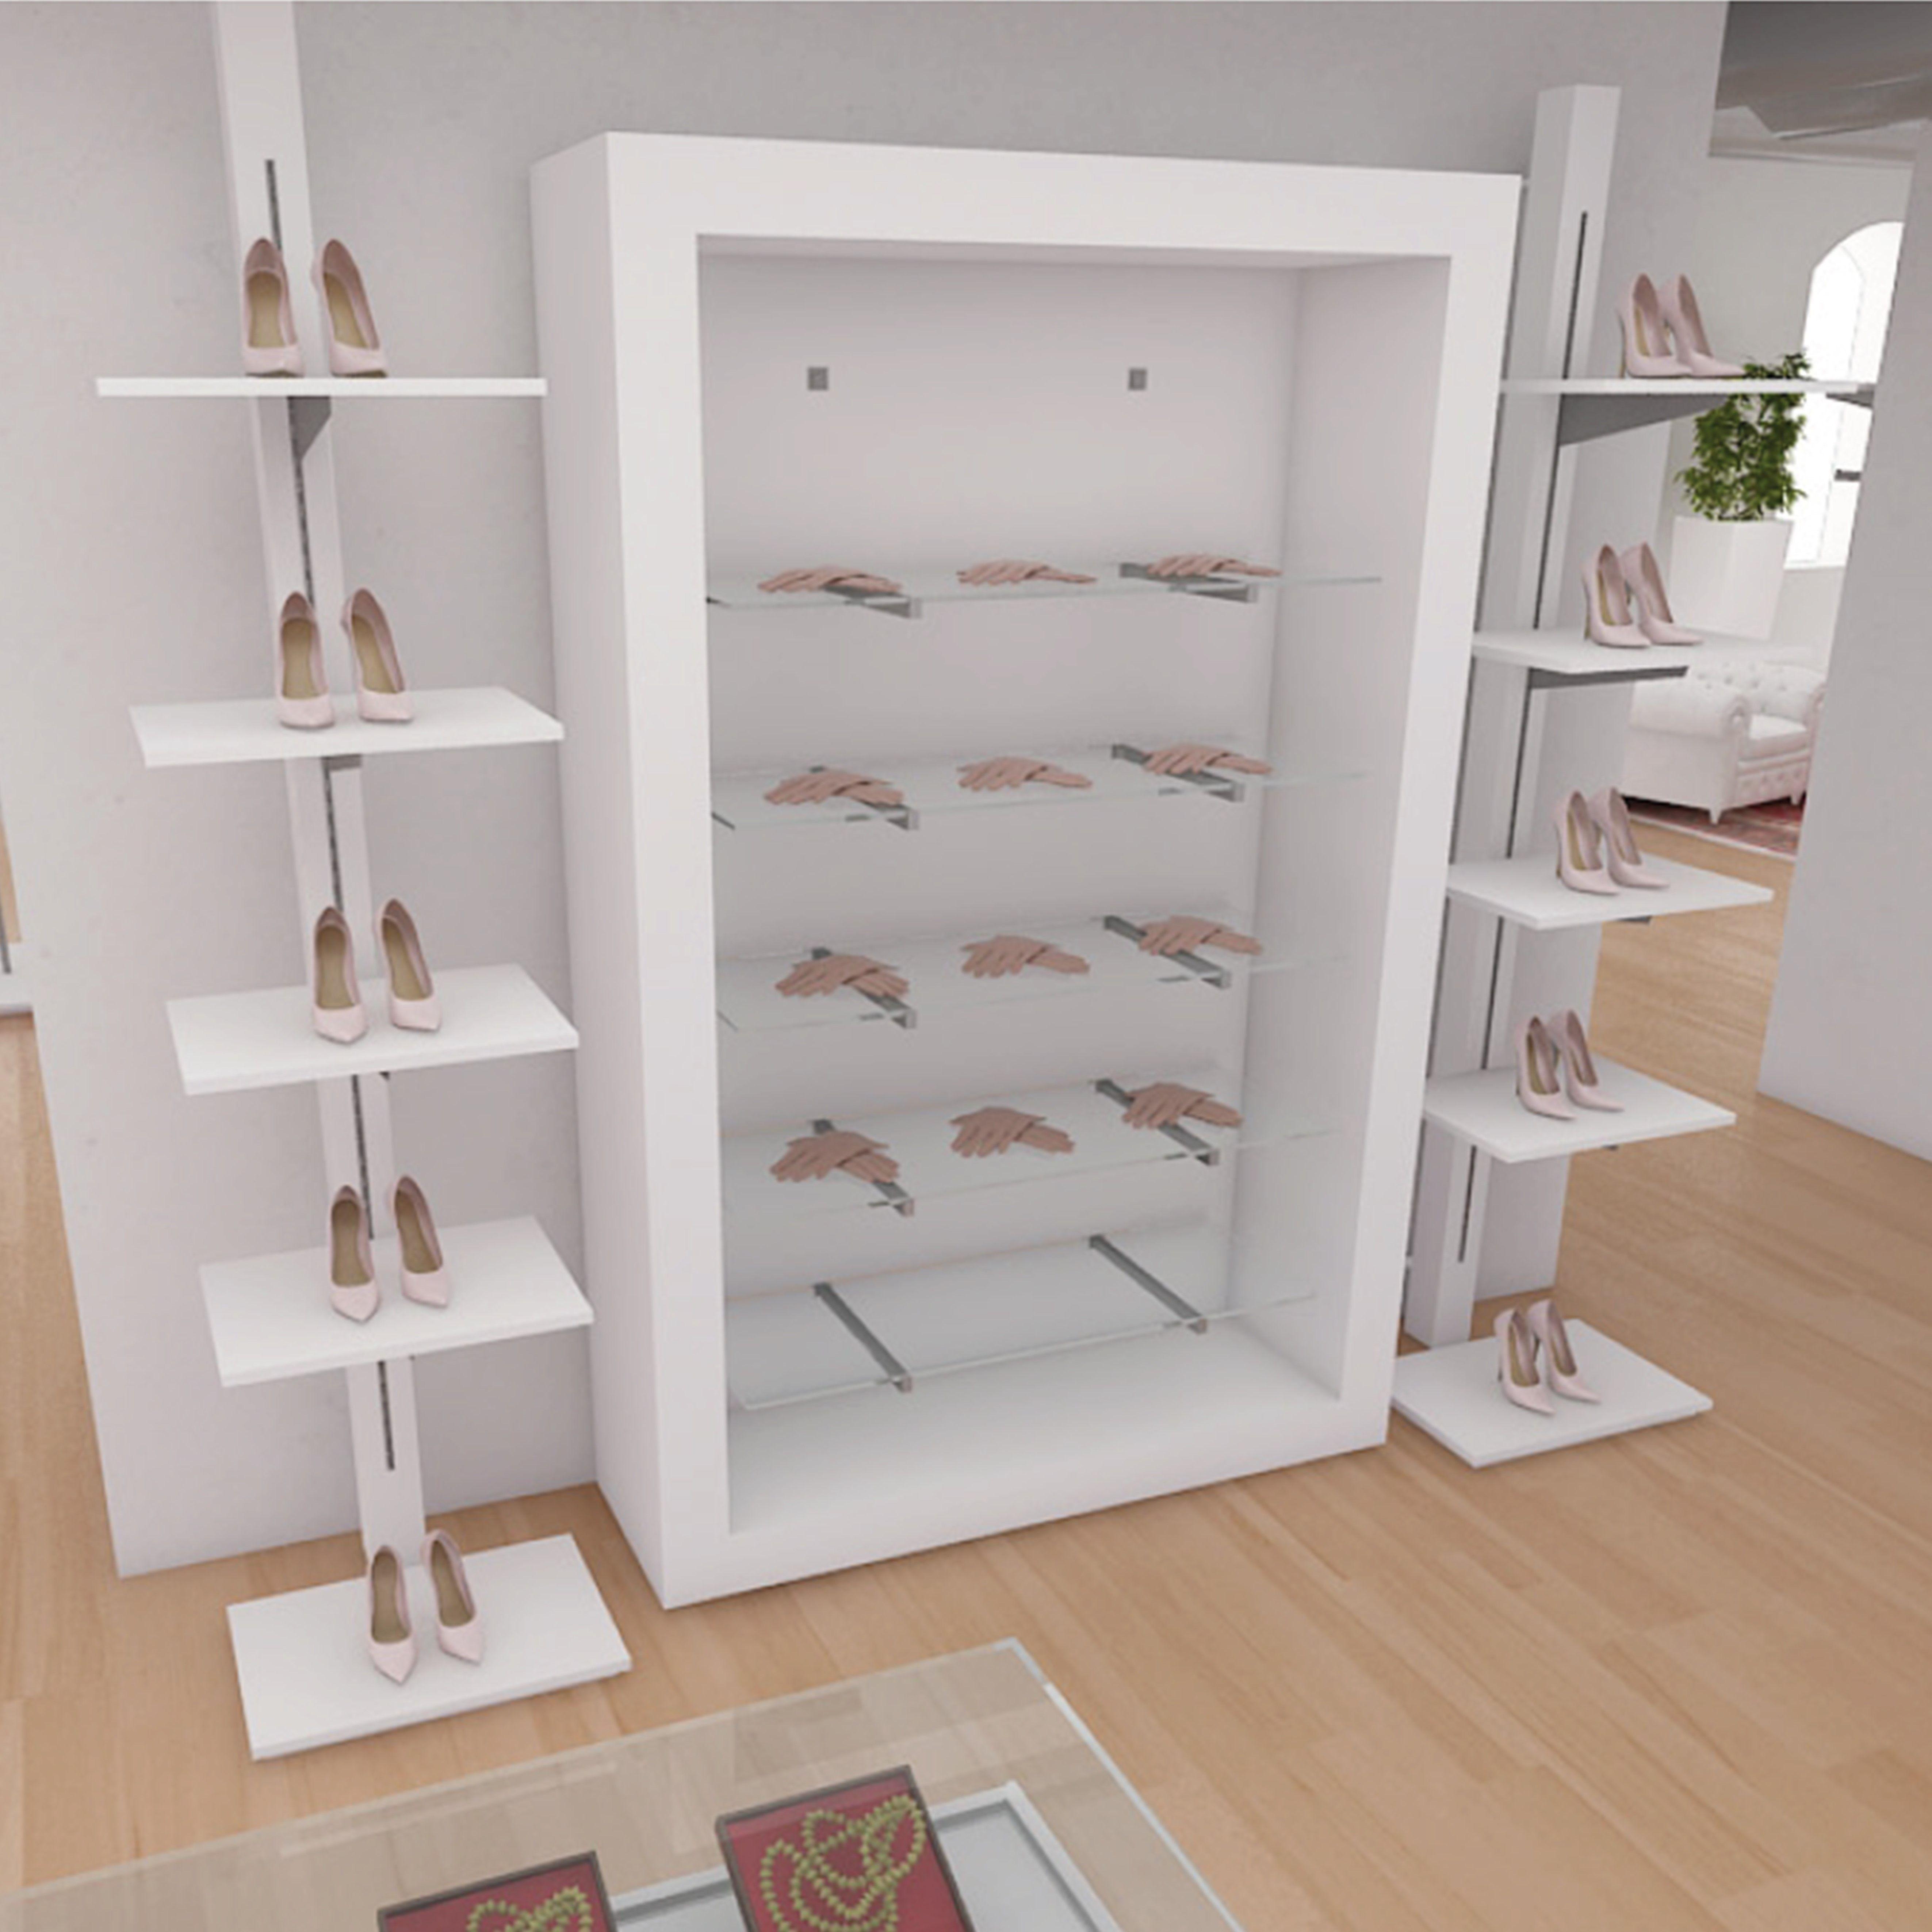 Armoire Vicence Idees De Meubles Boutique De Decoration Decoration De Placard